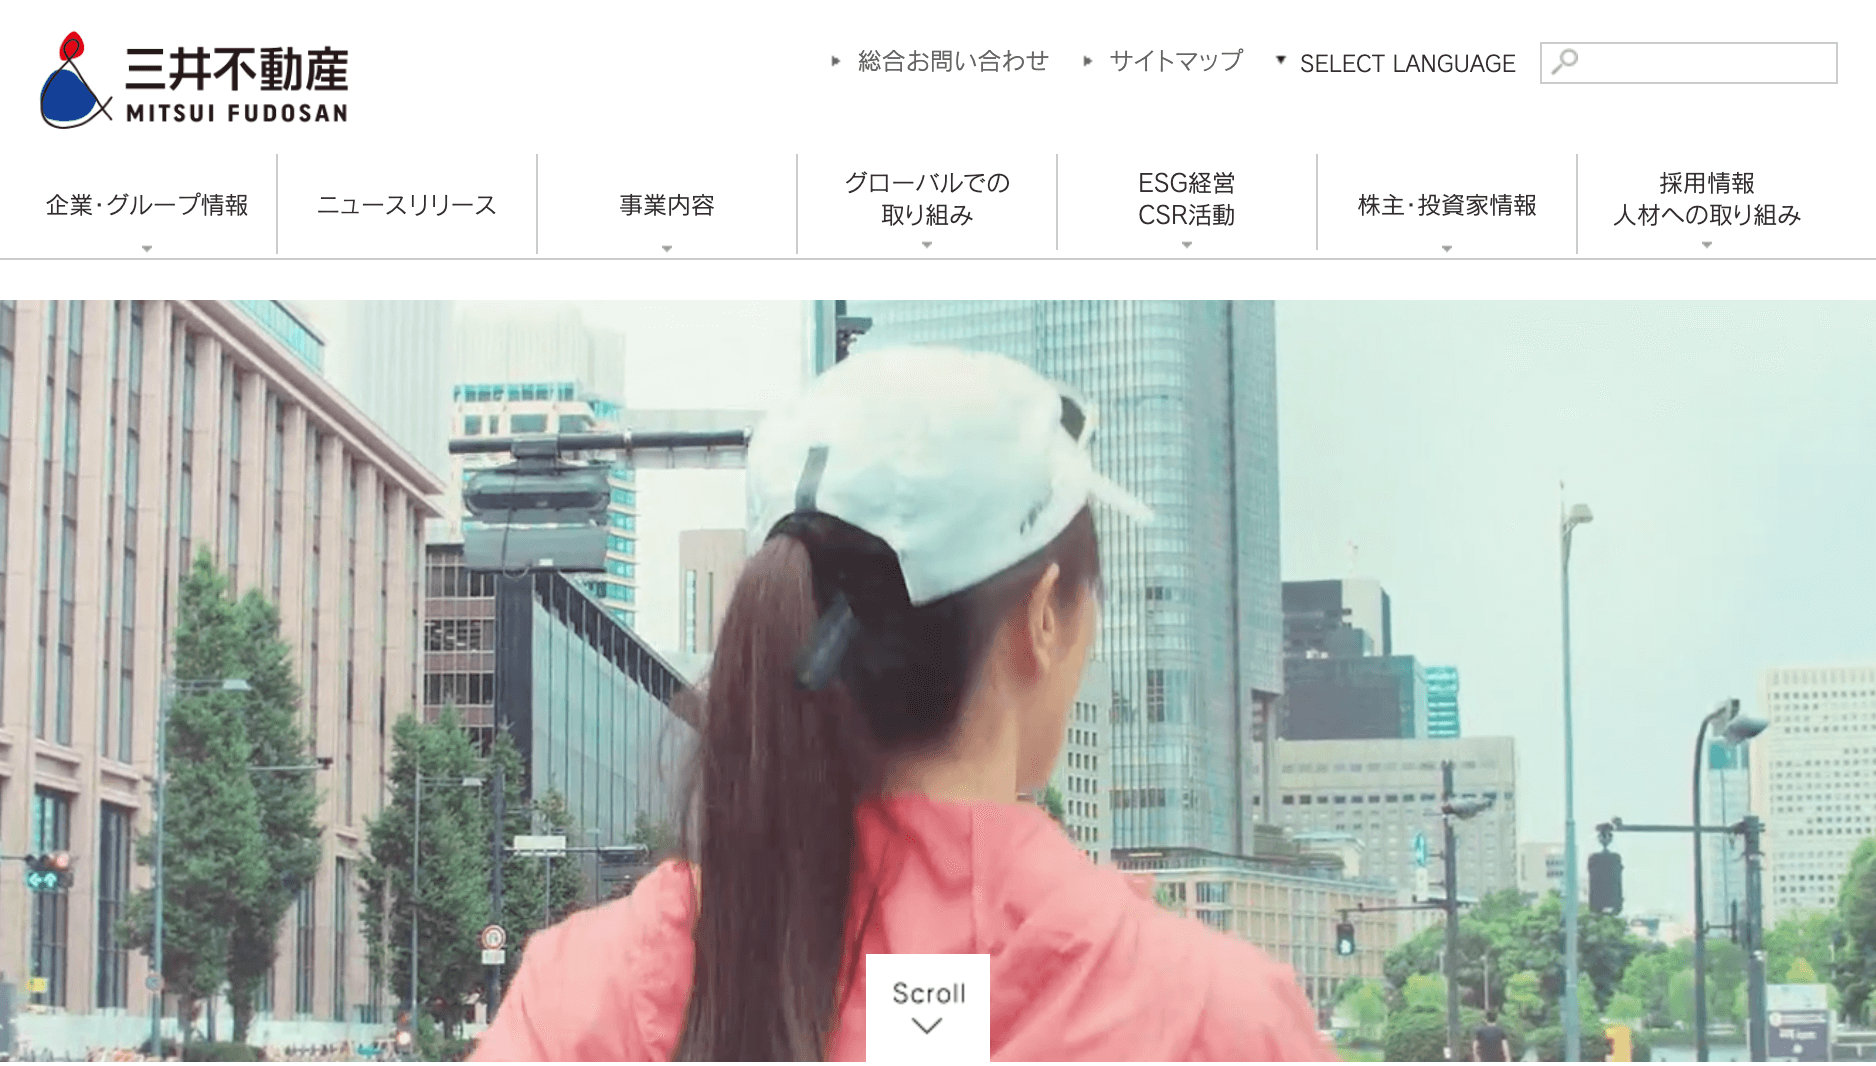 1-2.三井不動産(旧三井財閥)